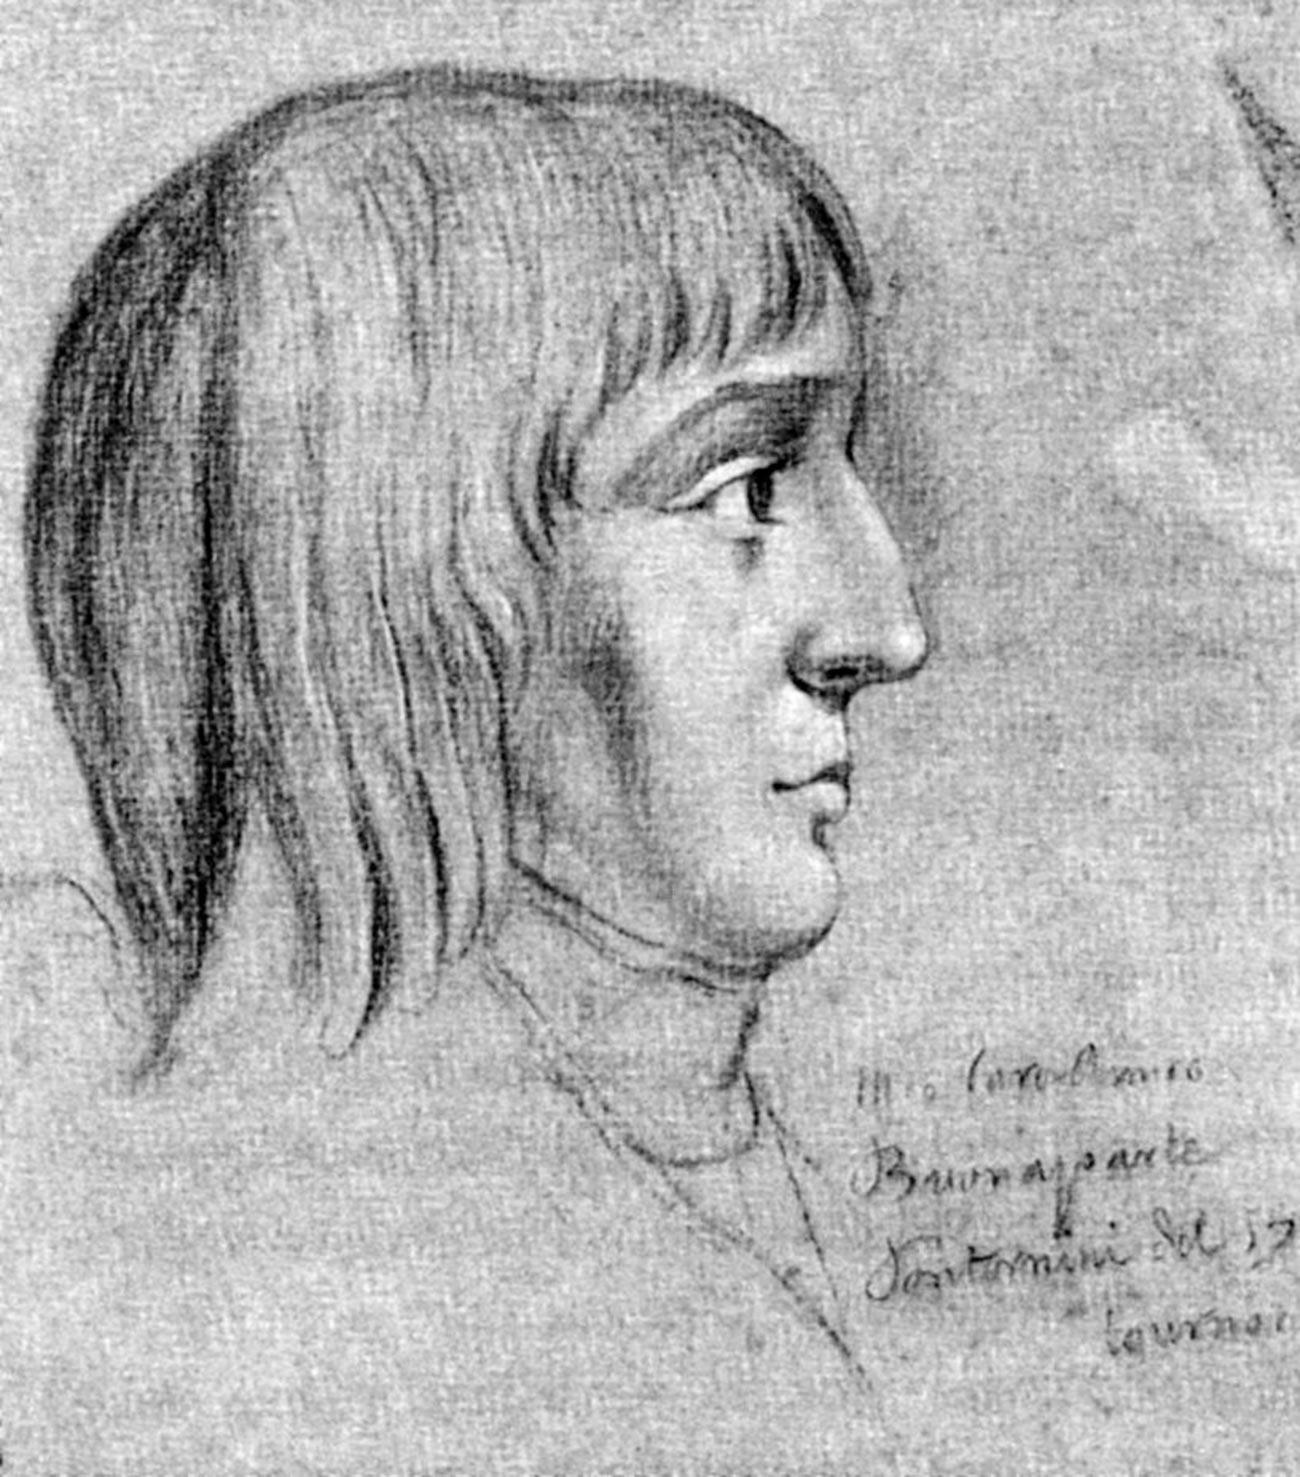 Napoleone Bonaparte (1769-1821) all'età di 16 anni, matita su carta